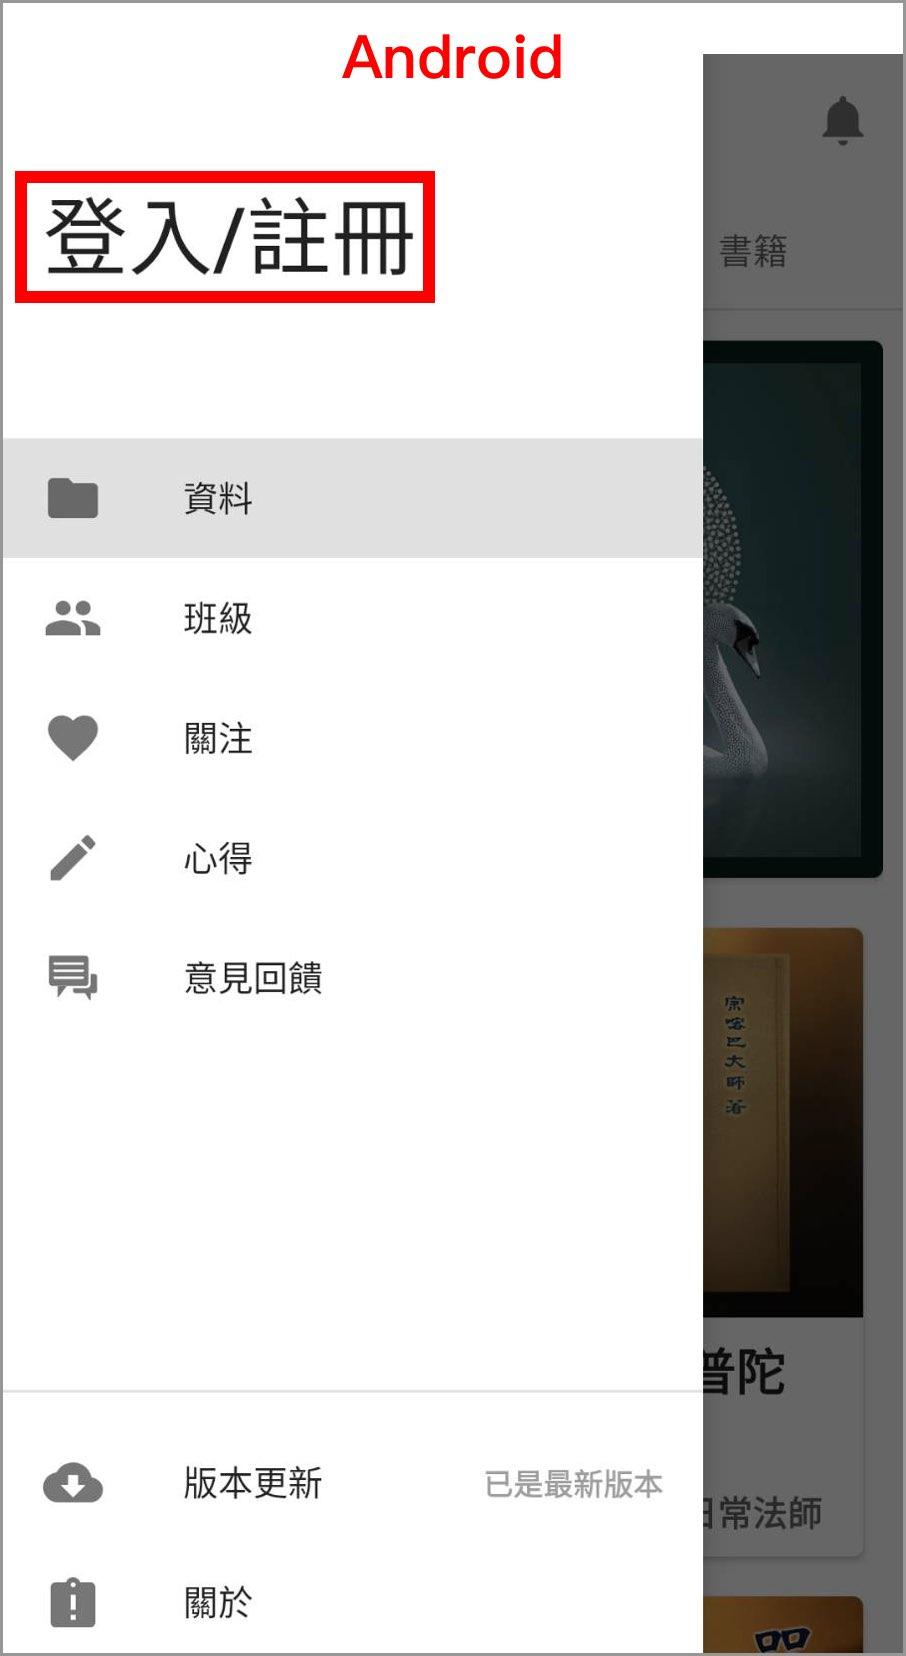 澈見幸福 App 使用教學